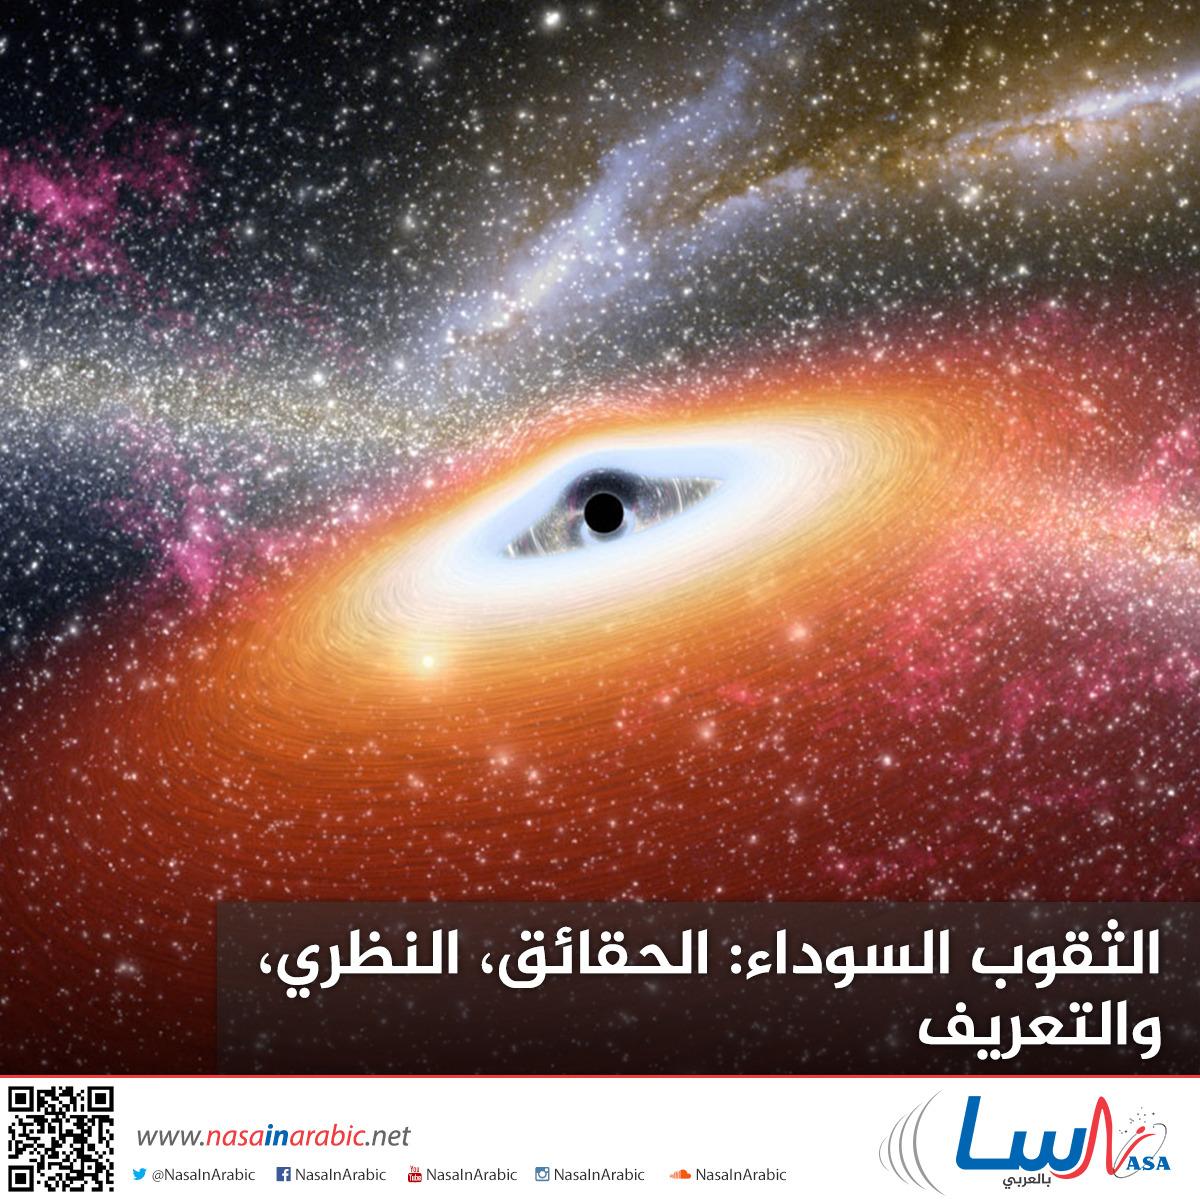 الثقوب السوداء: الحقائق، النظرية، والتعريف